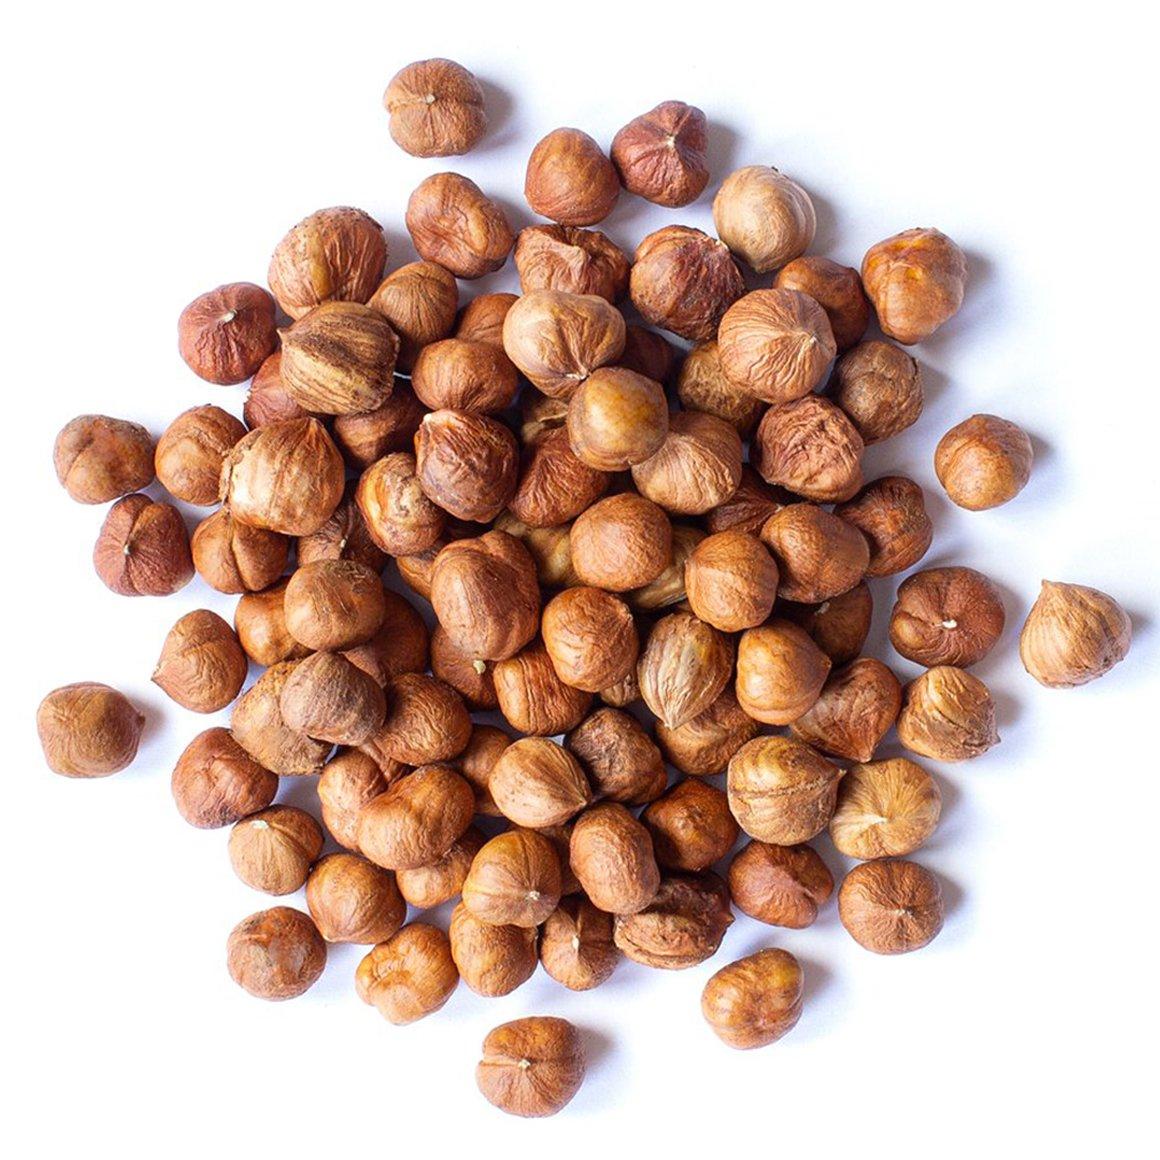 Organic-Hazelnuts-Main